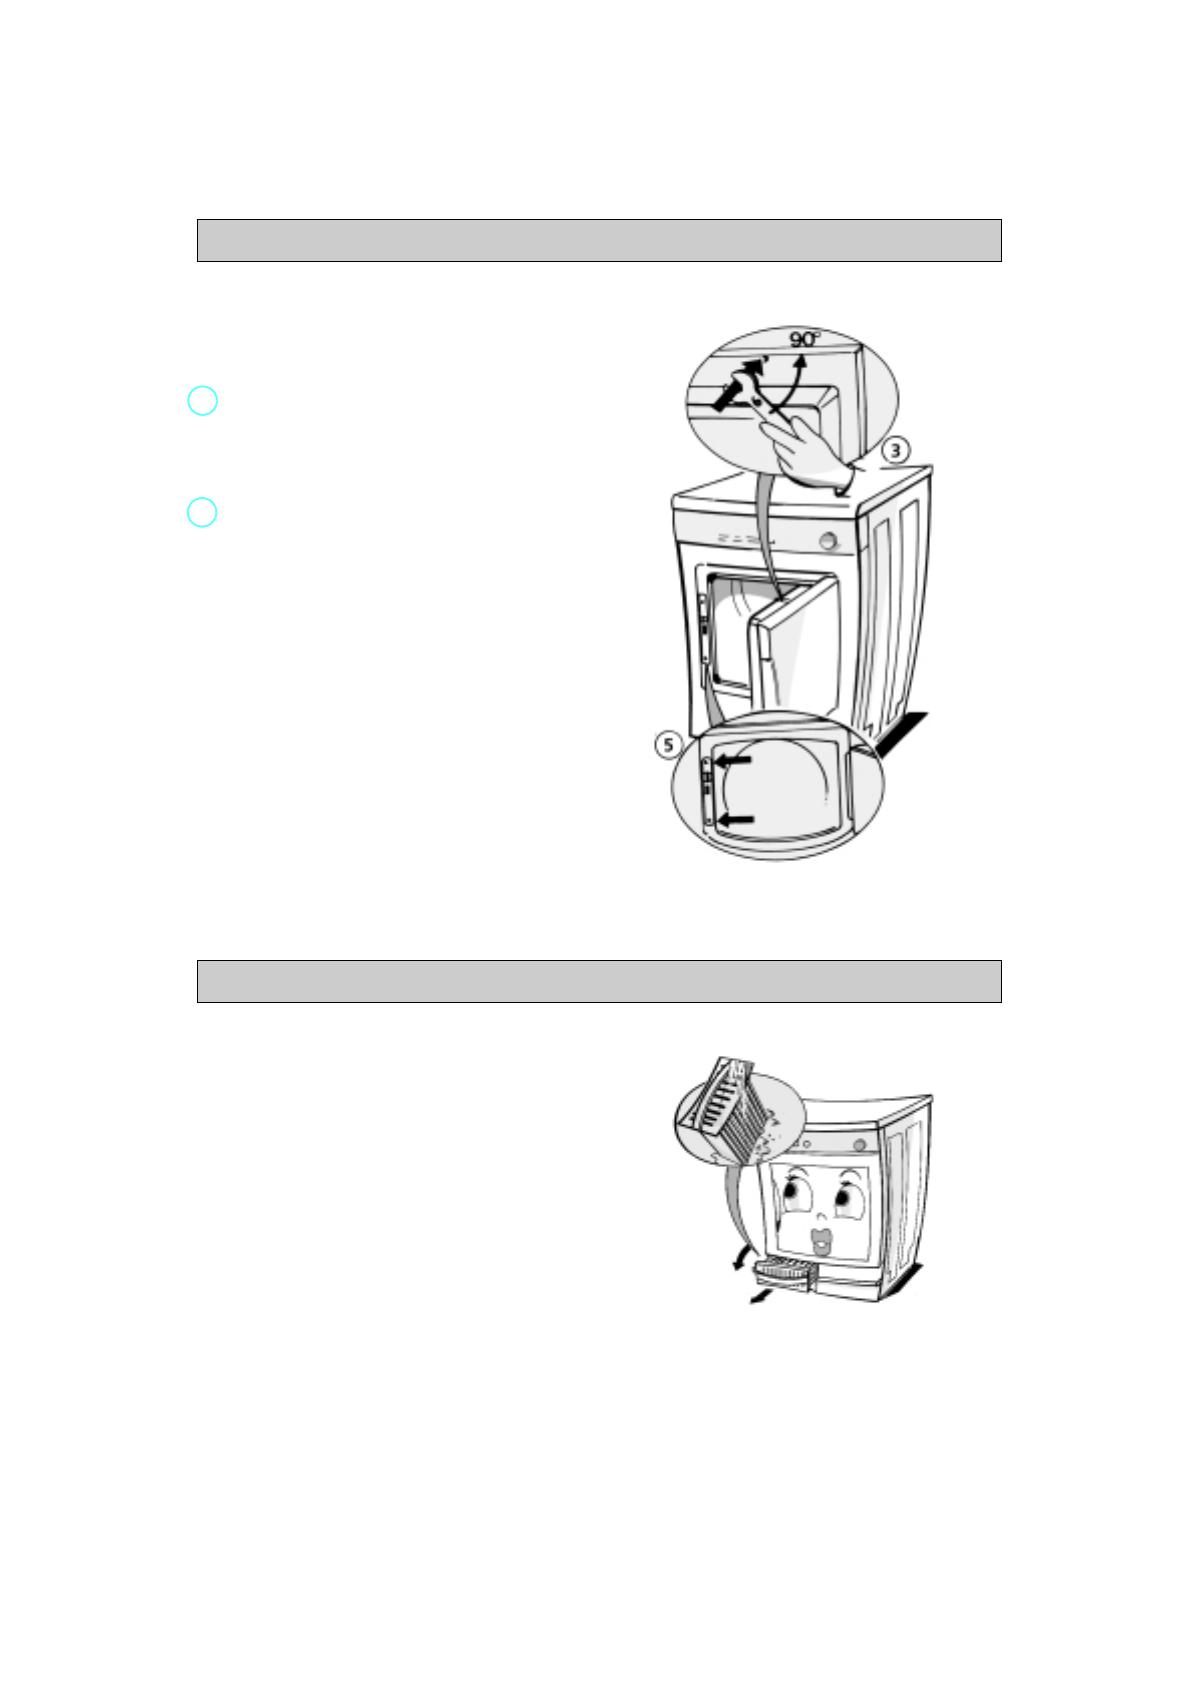 bauknecht trk 4970 service manual. Black Bedroom Furniture Sets. Home Design Ideas